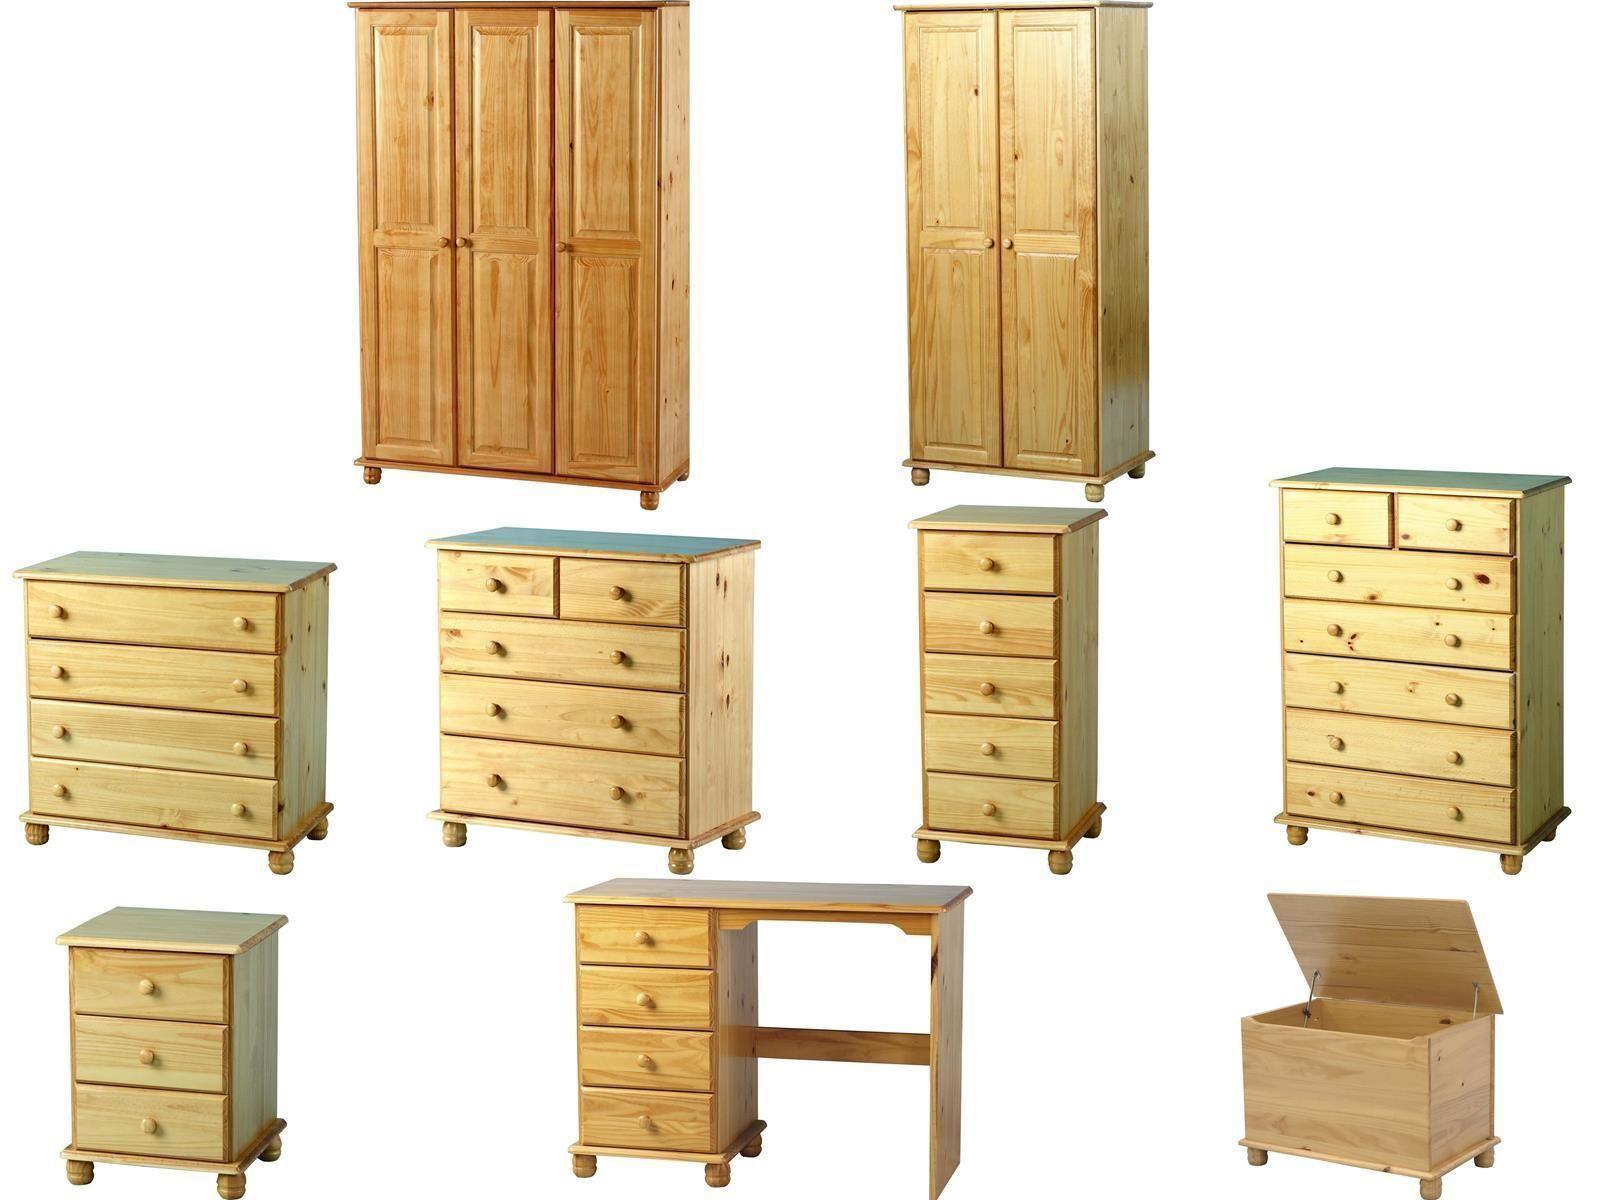 Sol antique pine solid bedroom furniture wardrobes drawers - Unfinished pine bedroom furniture ...